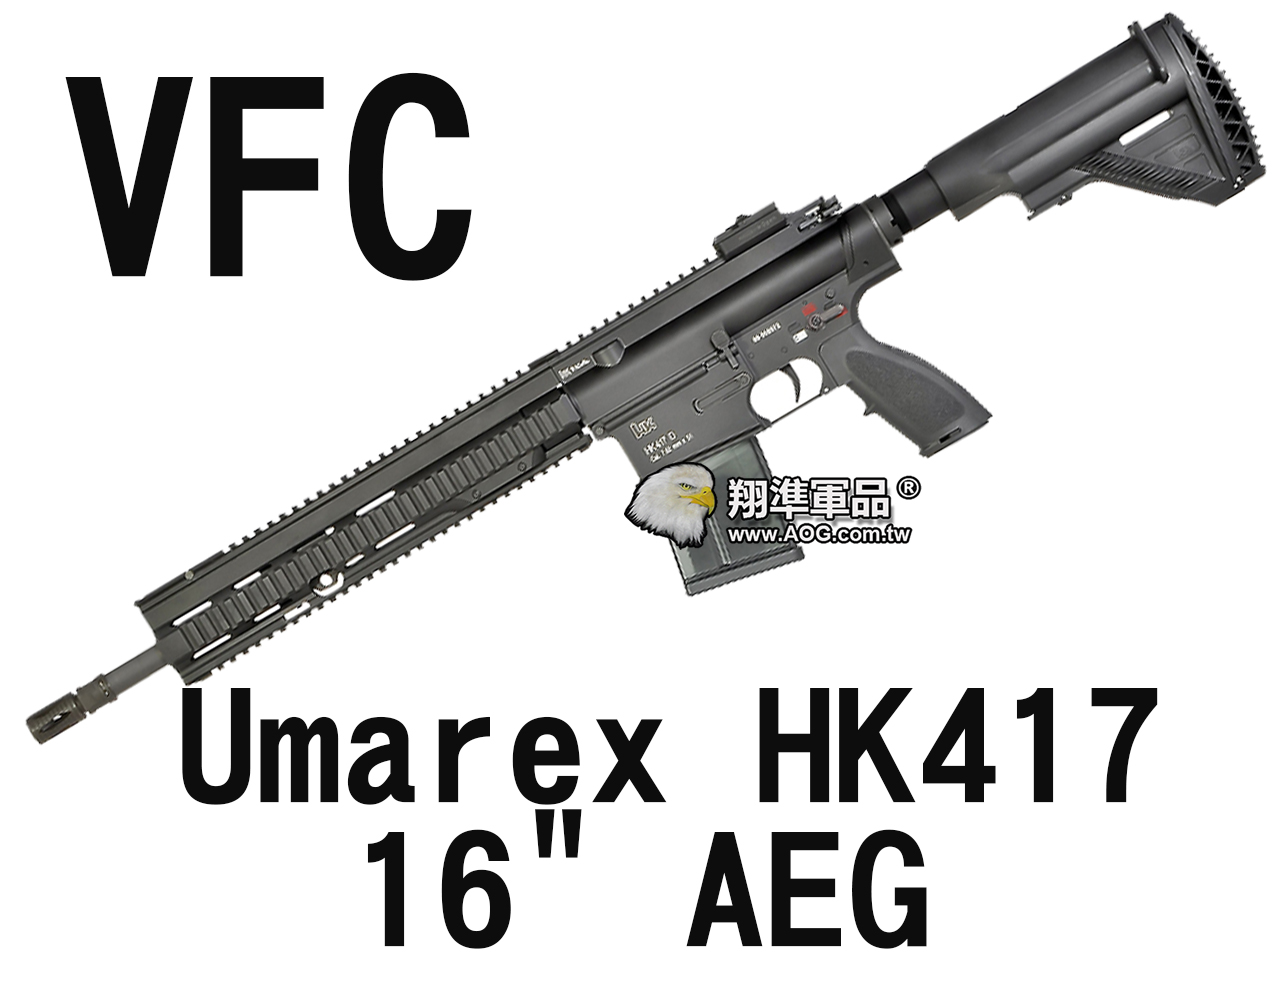 【翔準軍品AOG】【VFC】Umarex HK417  16 AEG 長槍 電動槍 黑色 VF1-LHK417-BK03